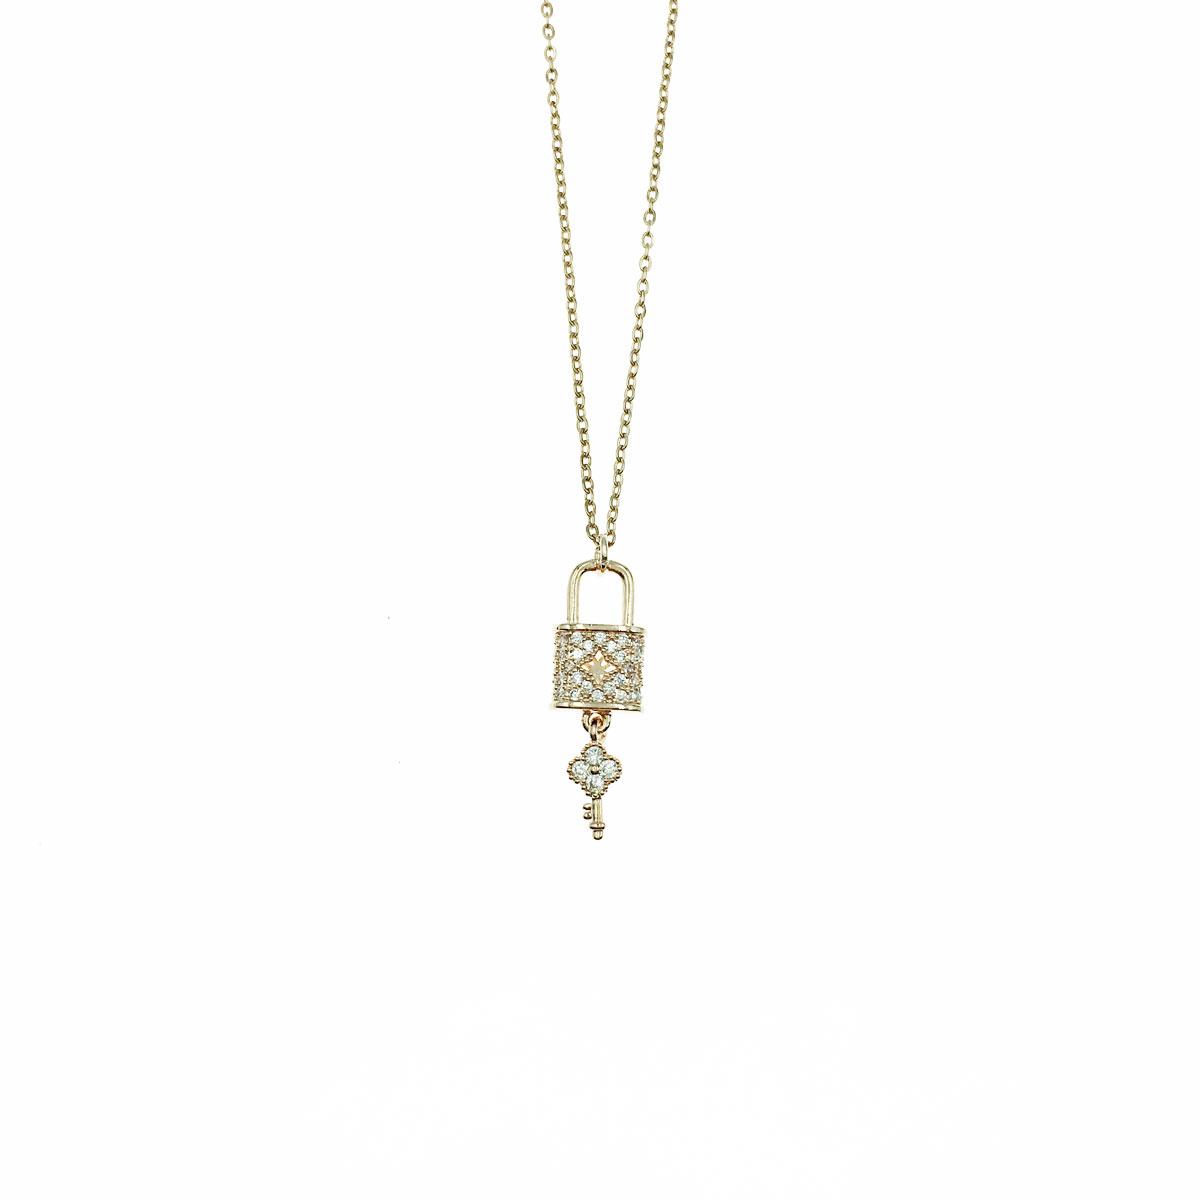 韓國 不銹鋼 水鑽 鎖 鑰匙 鎖骨鍊 短鍊 項鍊 飾品